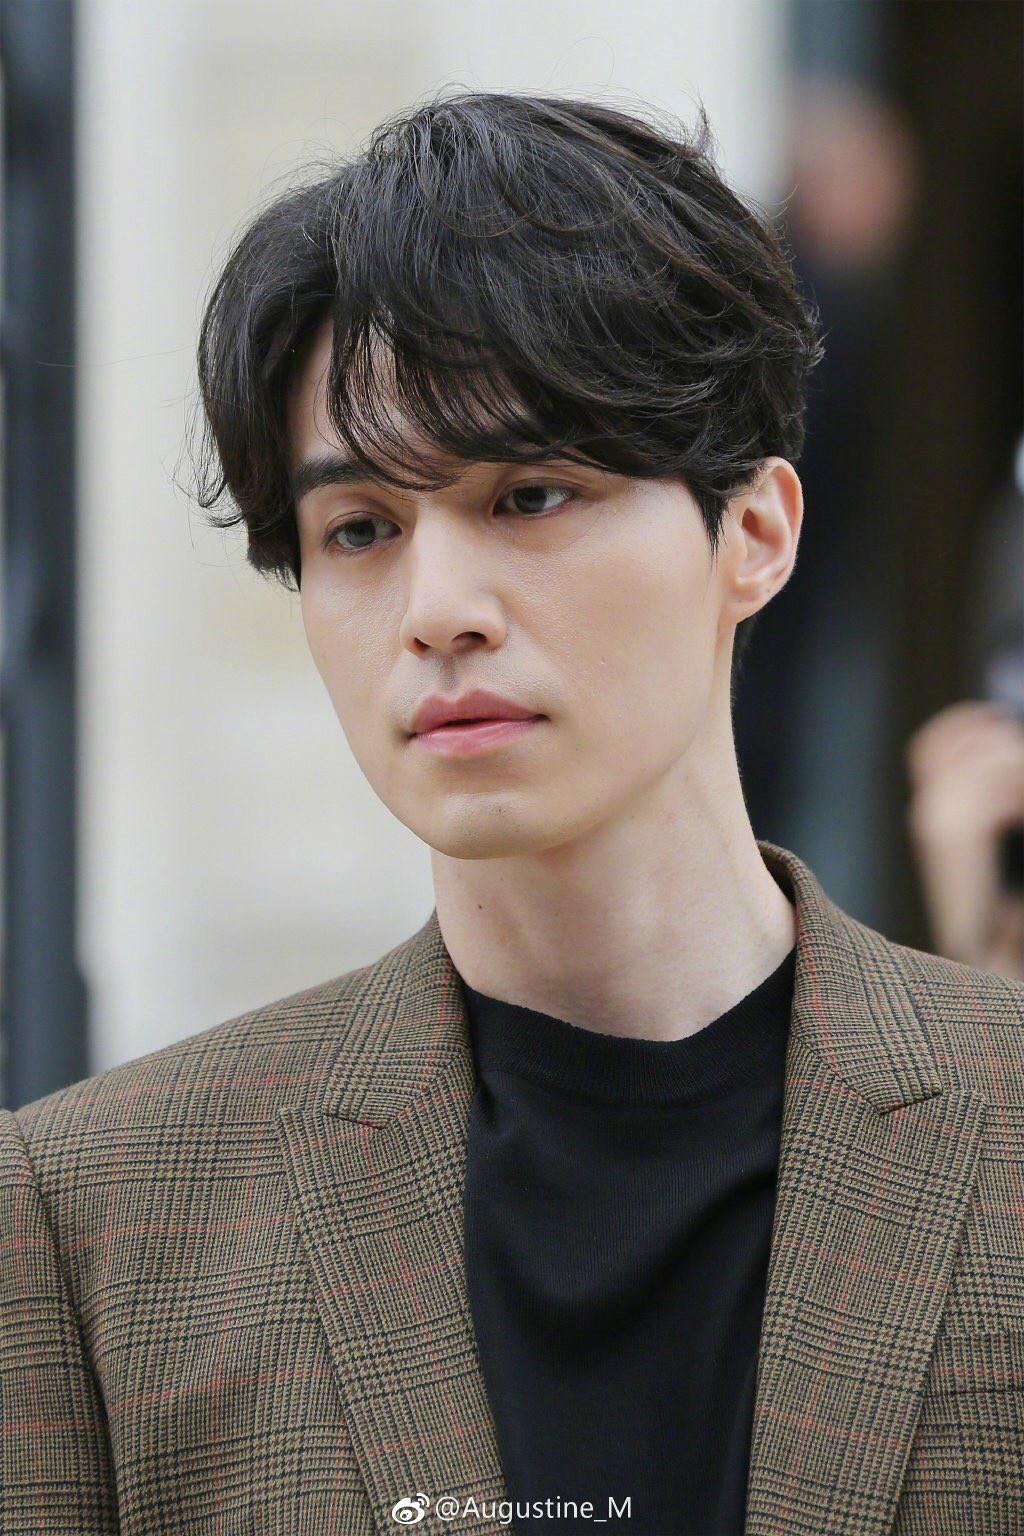 Mê mệt trước ngoại hình điển trai đúng chuẩn mỹ nam của các 'ông chú U40' của làng giải trí Hàn Quốc 8